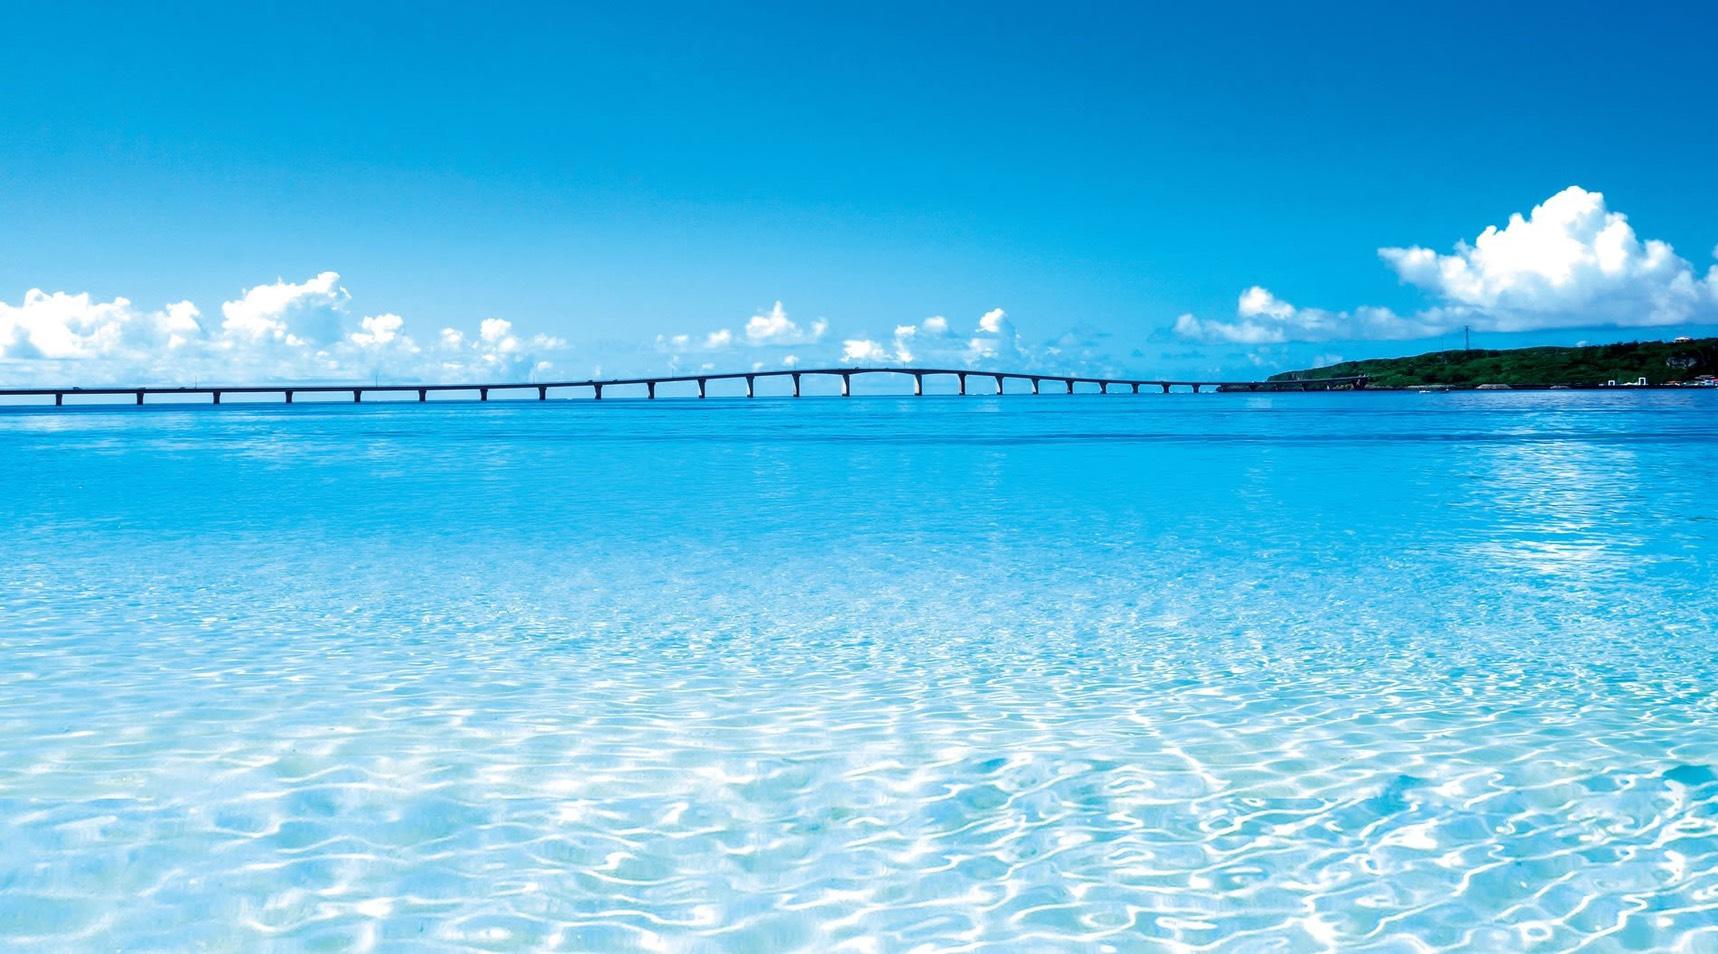 MIYAKO ISLAND SEA